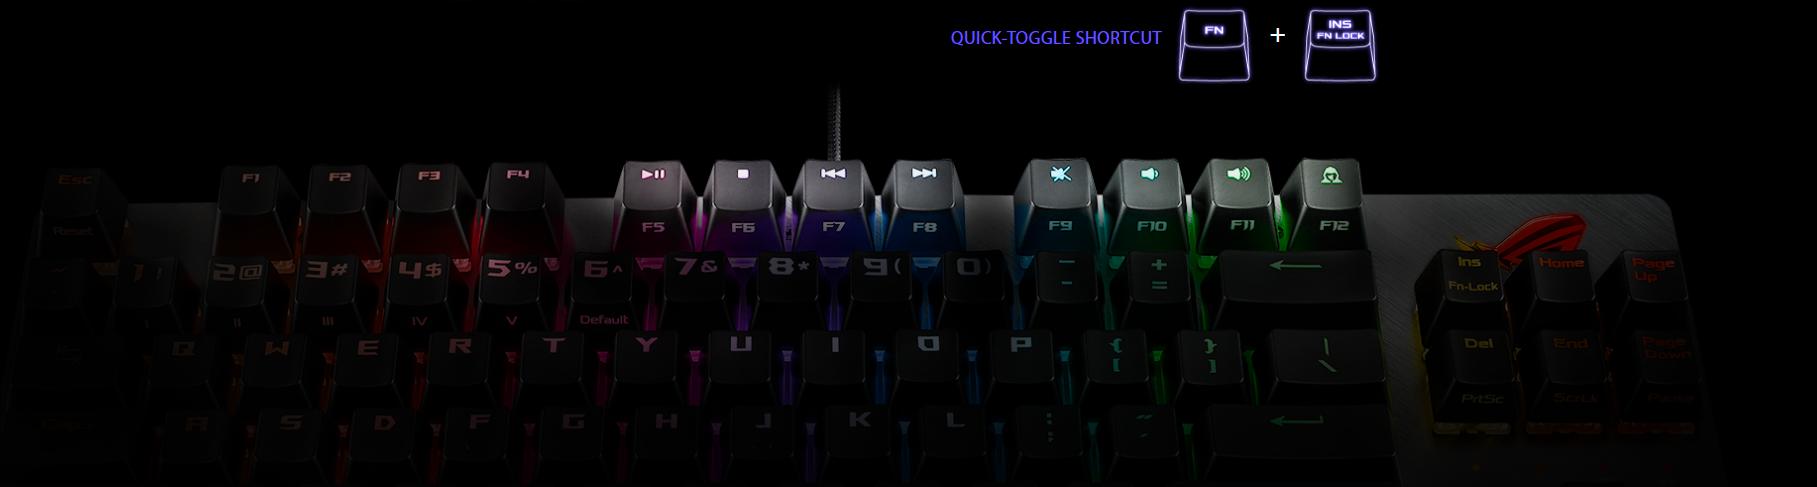 Bàn phím Asus ROG Strix Scope TKL (USB/RGB/Red sw) có thể chuyển đổi chức năng dễ dàng